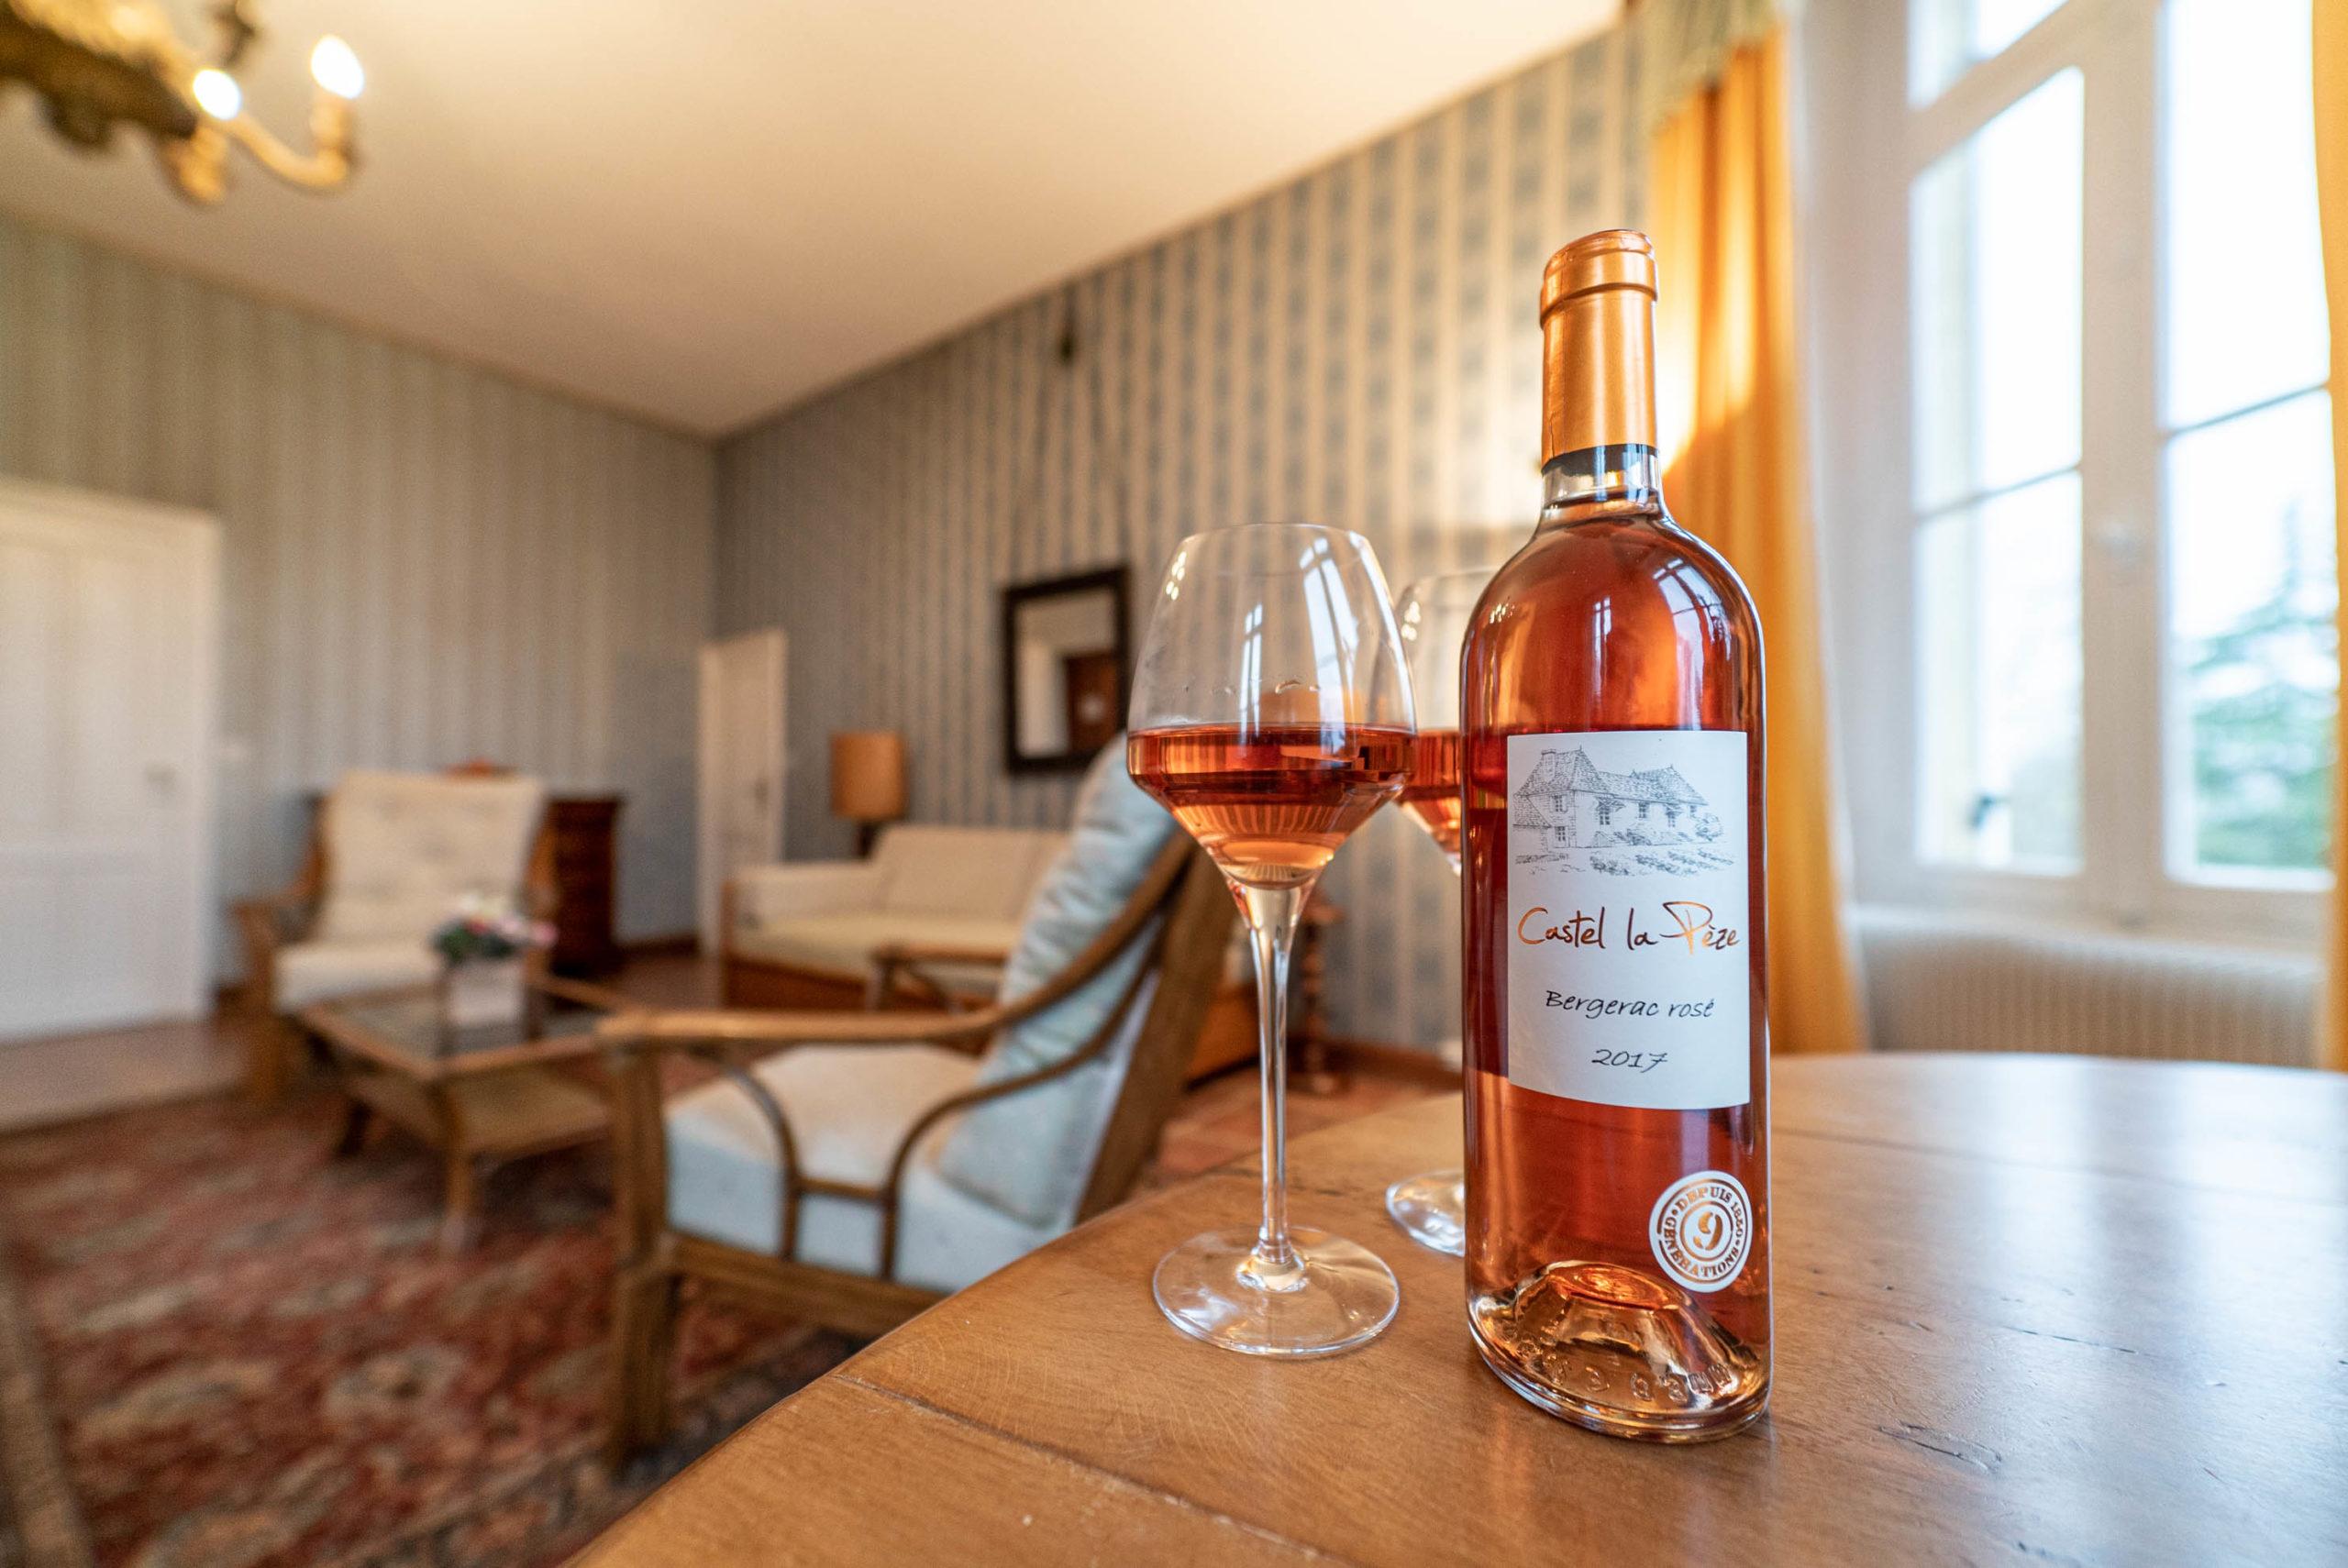 bouteille de vin castel lapeze Suite du marquis chambre chateau Rauly location bergerac Monbazillac